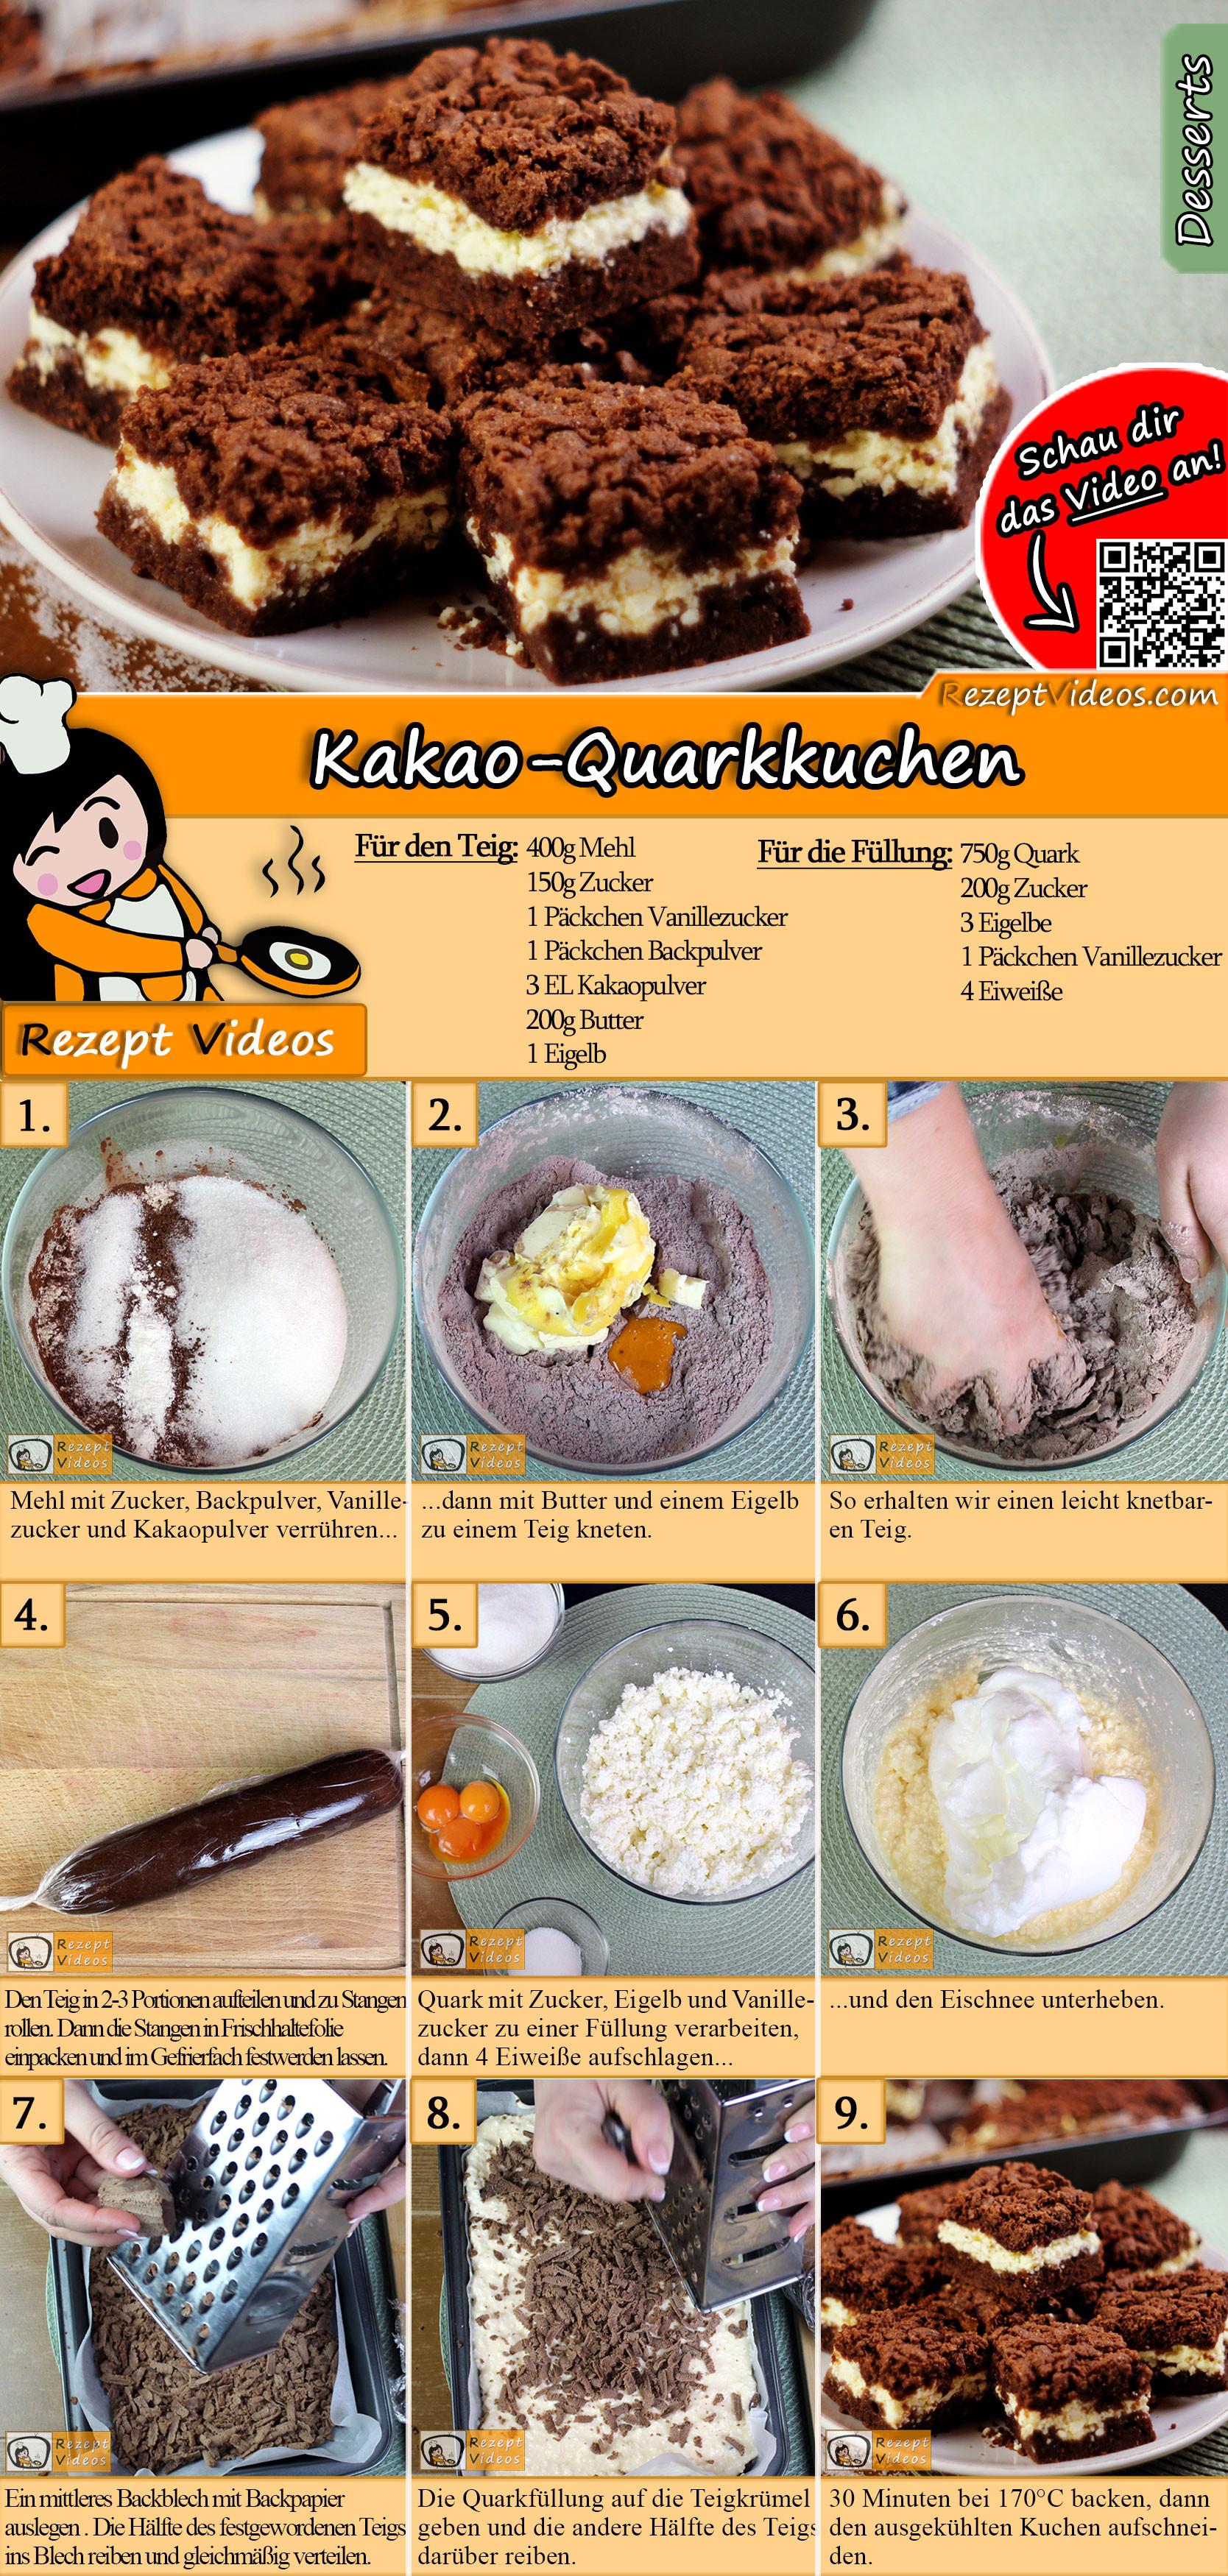 Kakao-Quarkkuchen Rezept mit Video